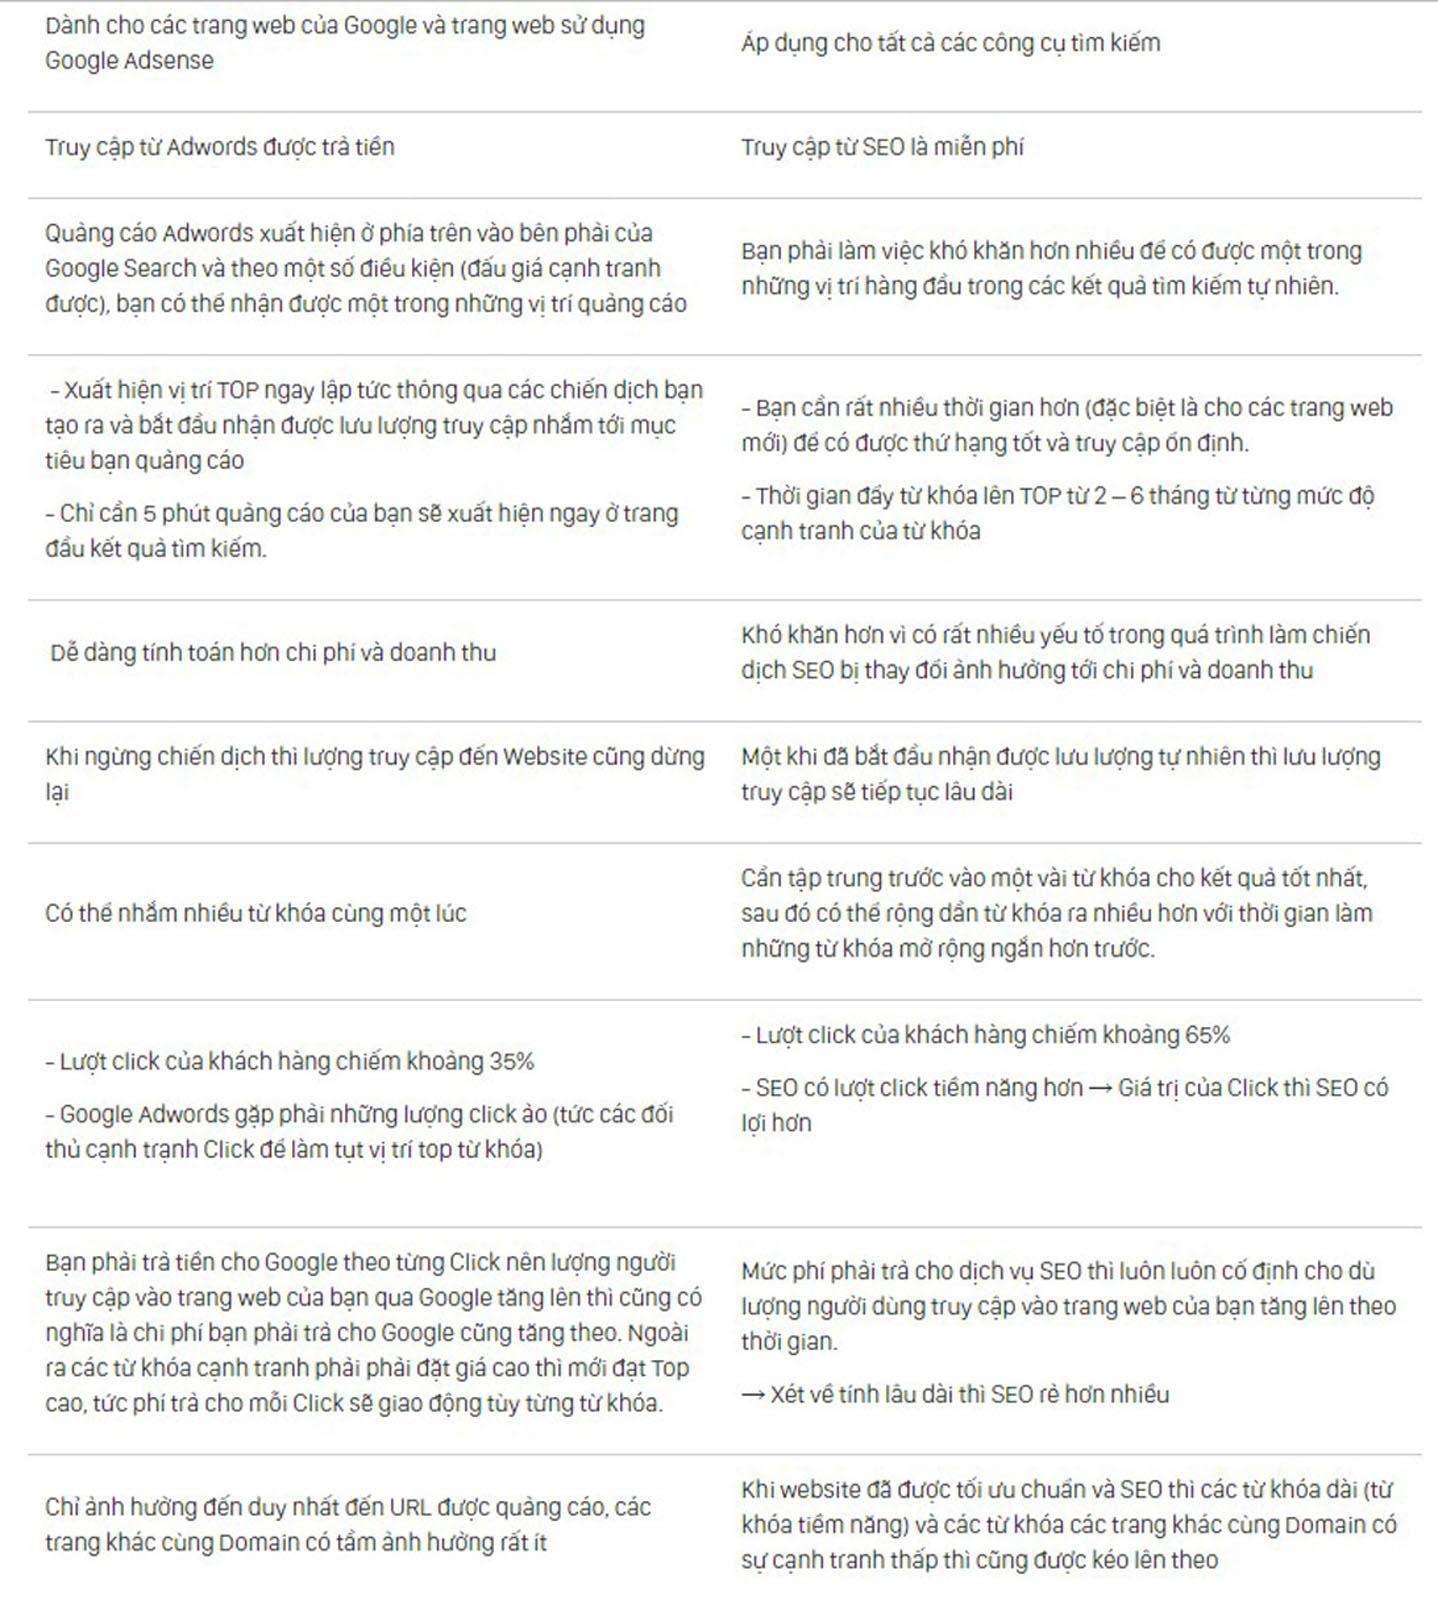 Tổng quan so sánh SEO và Google Ads